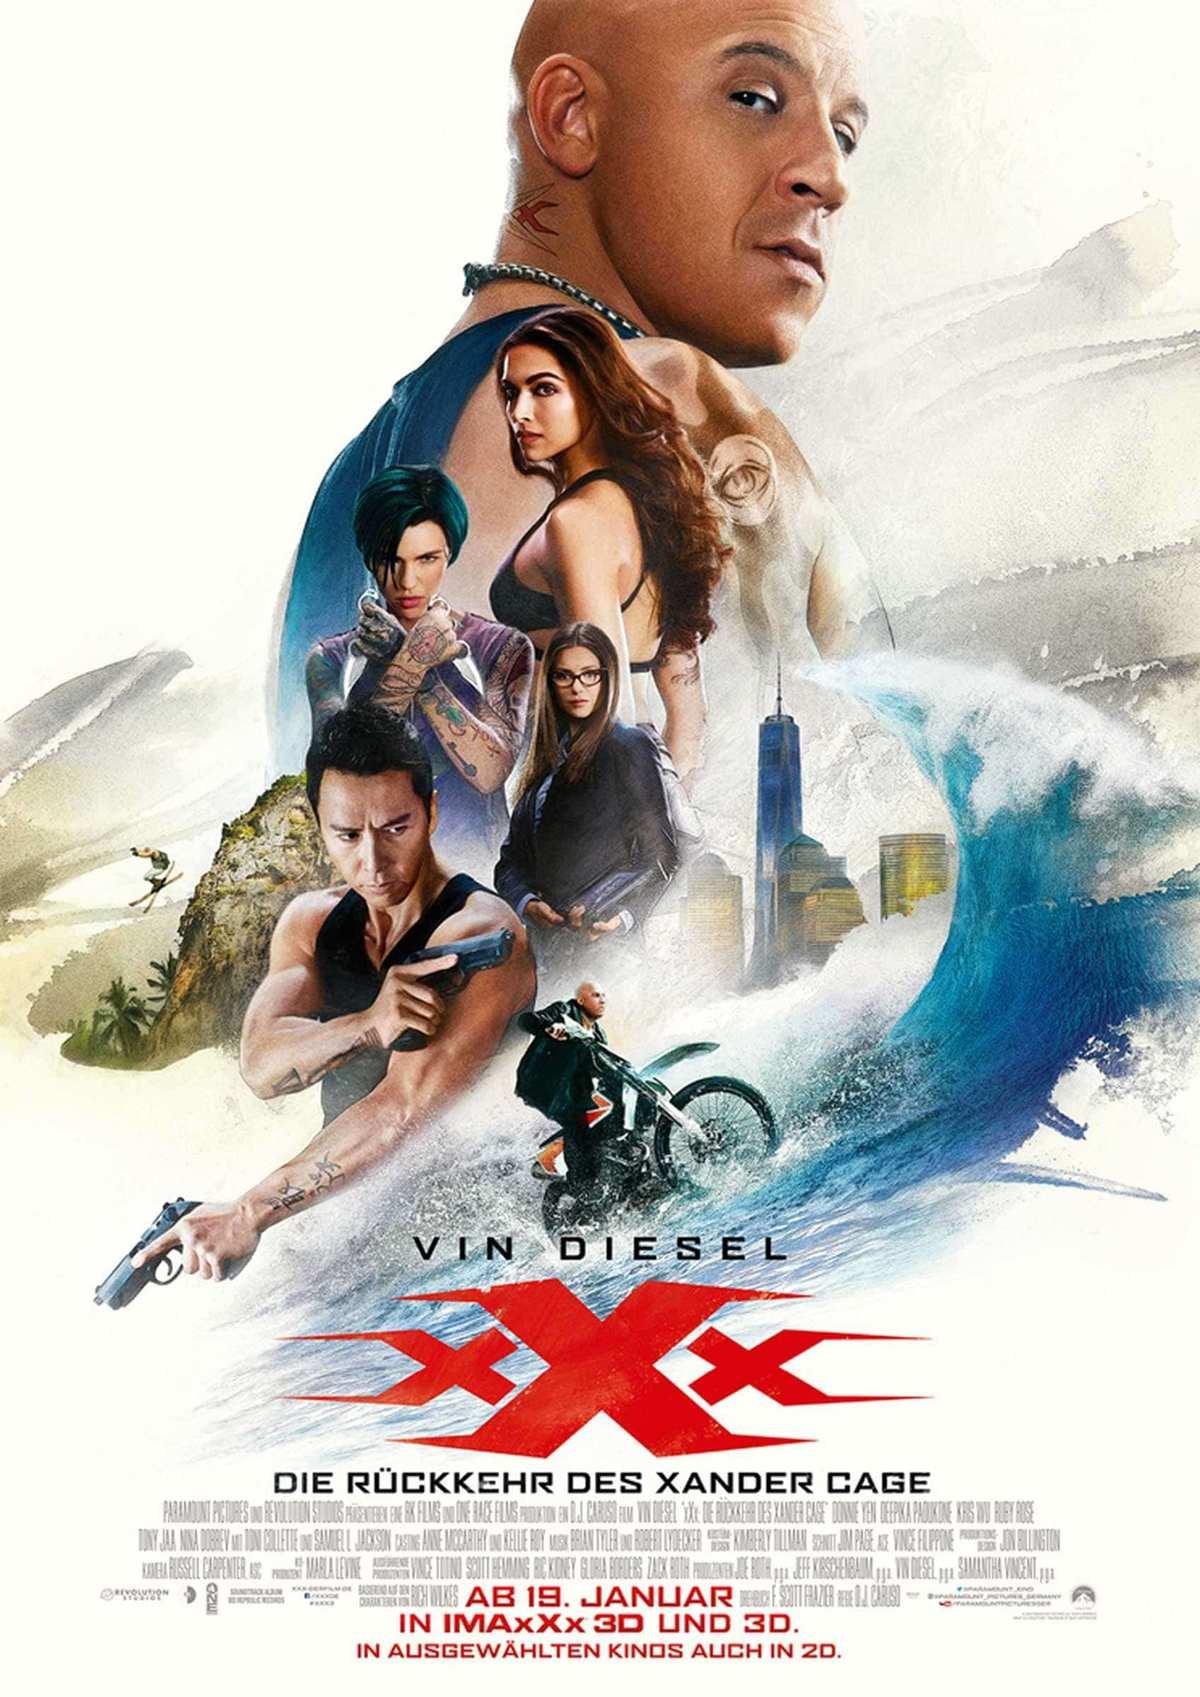 xXx – Die Rückkehr des Xander Cage